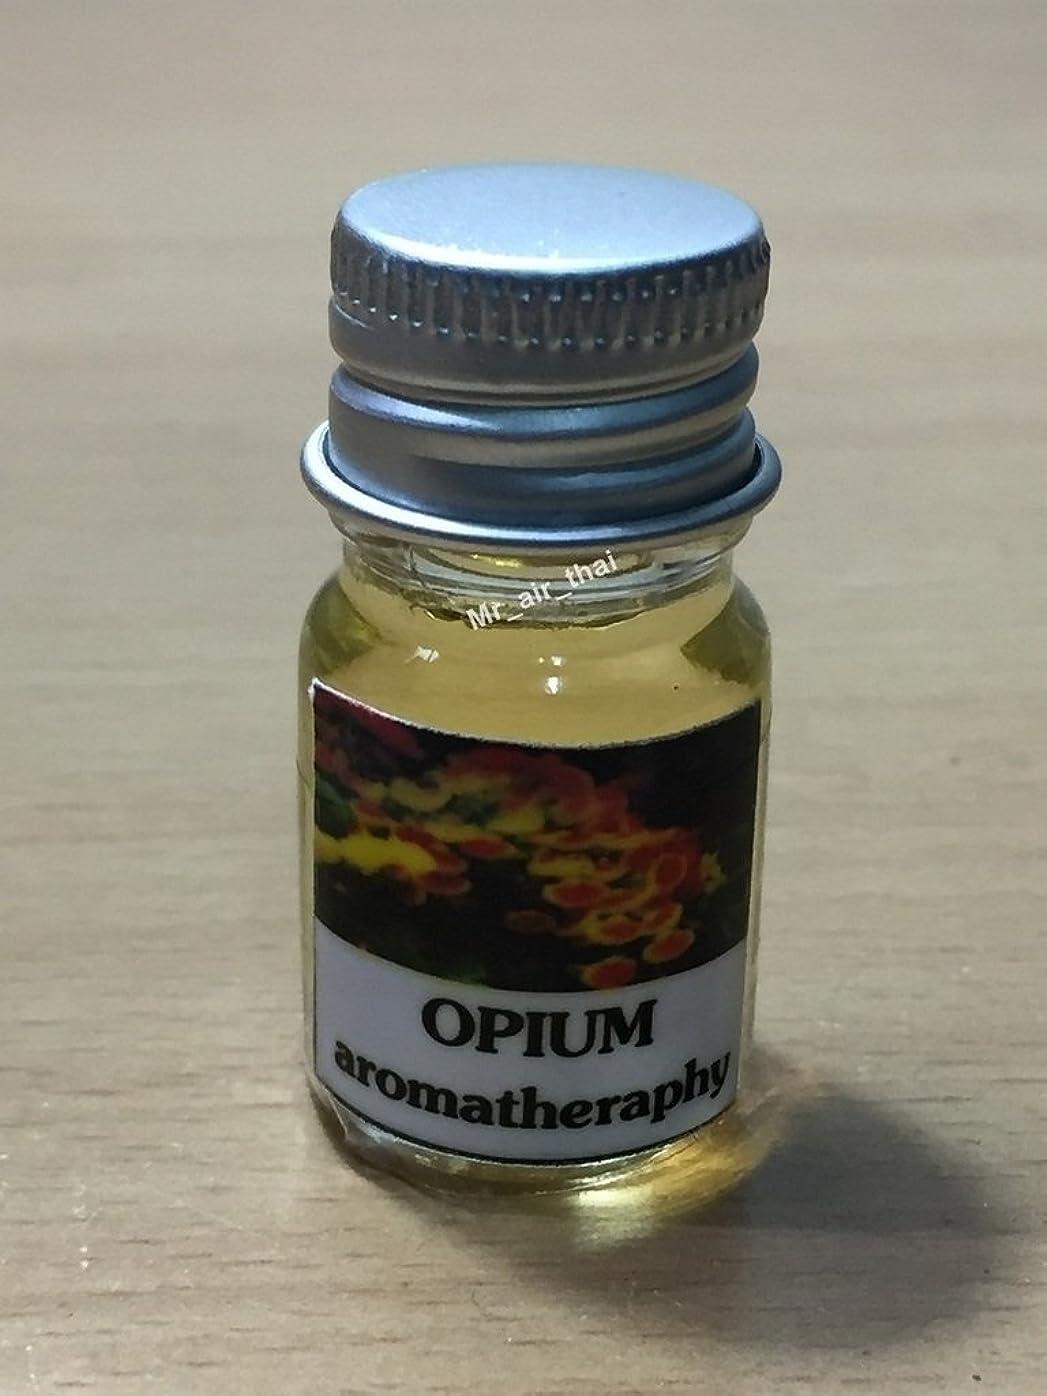 ベアリング思いやり補助5ミリリットルアロマアヘンフランクインセンスエッセンシャルオイルボトルアロマテラピーオイル自然自然5ml Aroma Opium Frankincense Essential Oil Bottles Aromatherapy Oils natural nature